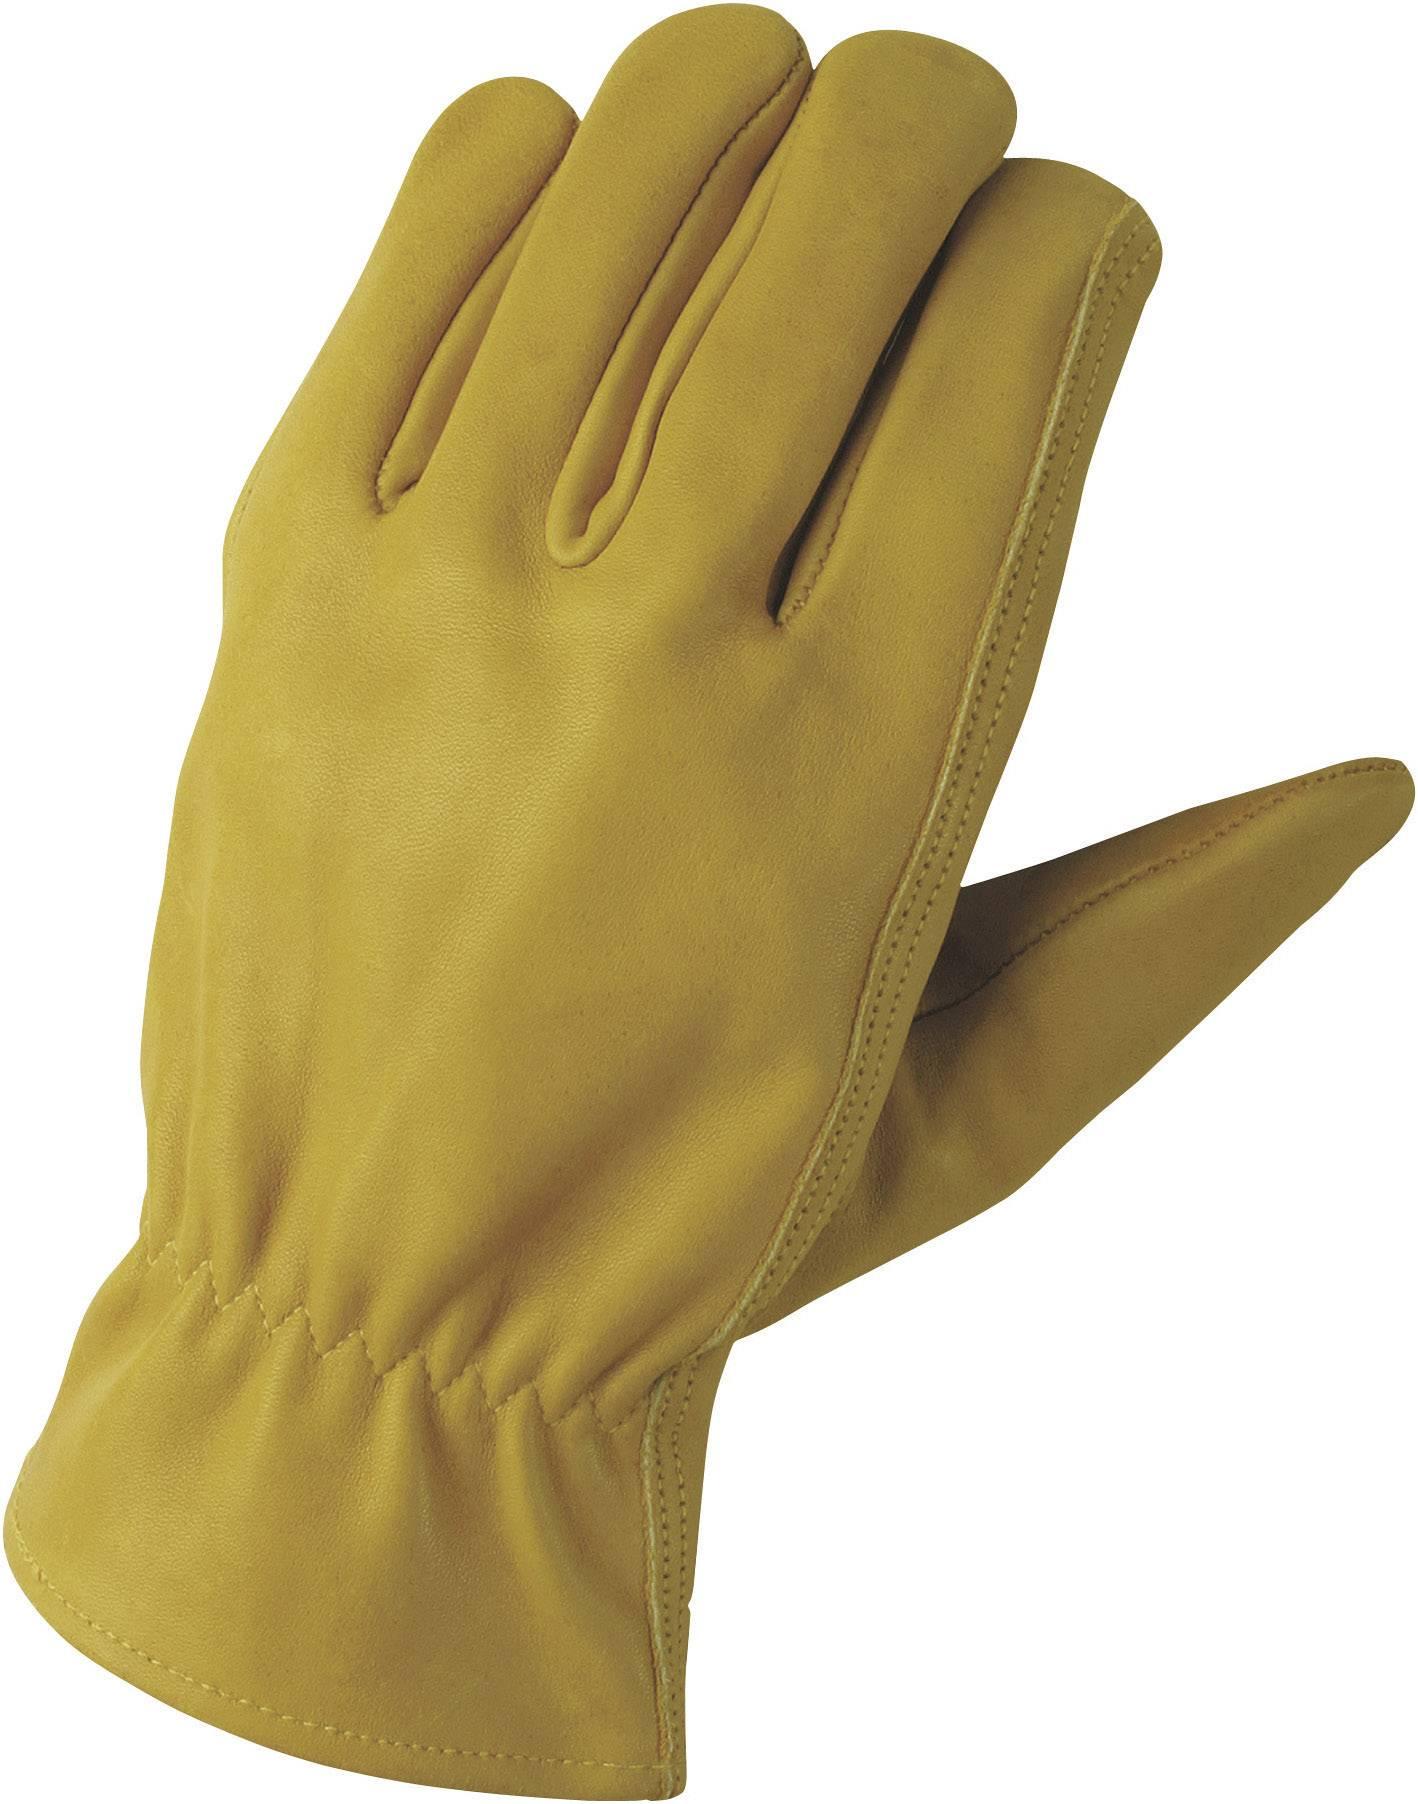 Montážní rukavice FerdyF. CONDUCTOR 1610, velikost rukavic: 7, S